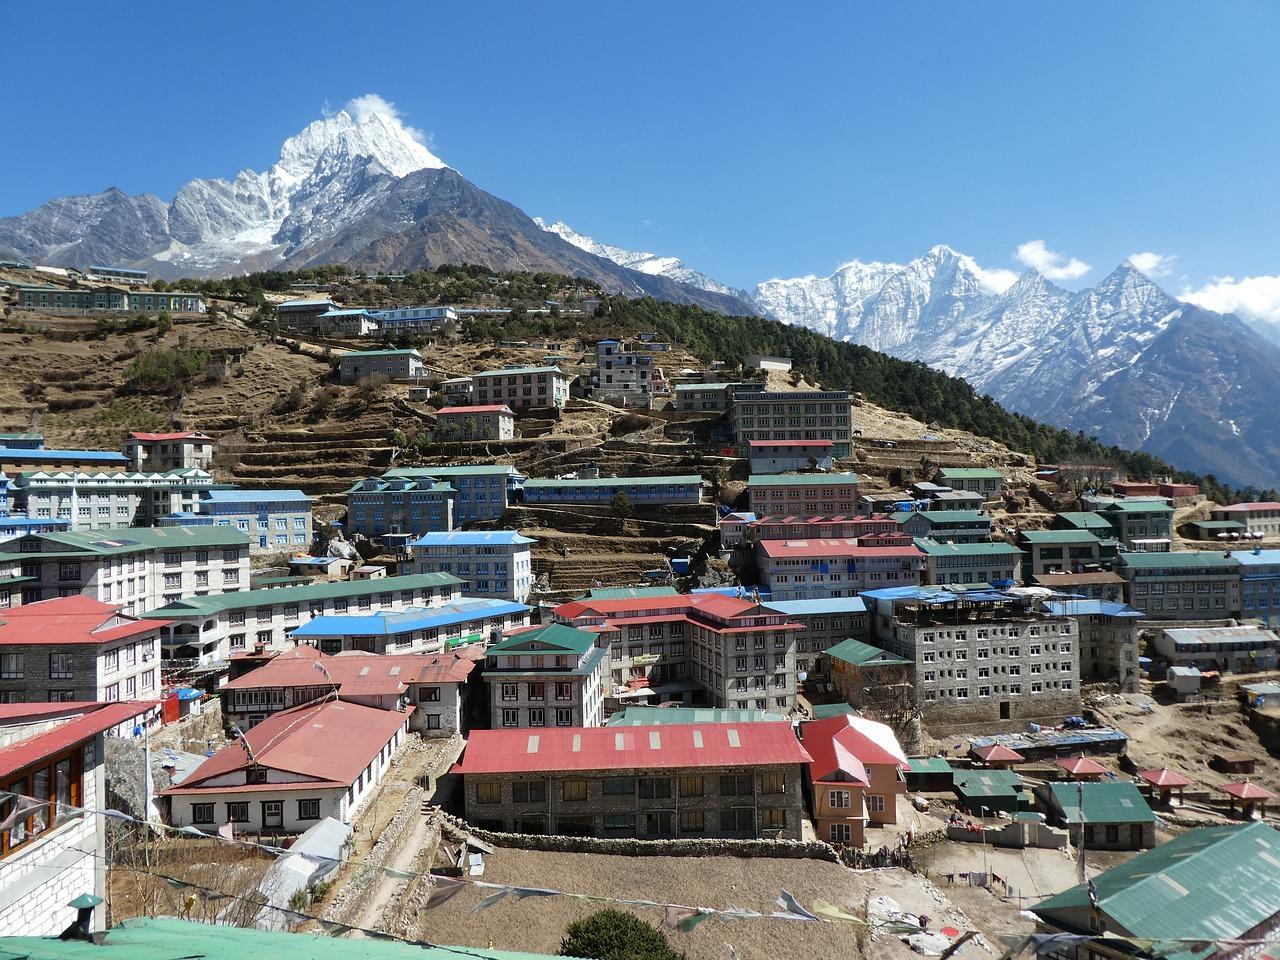 Visit Namche Bazaar: Activities to Do and Places to Visit in Namche Bazaar in Nepal